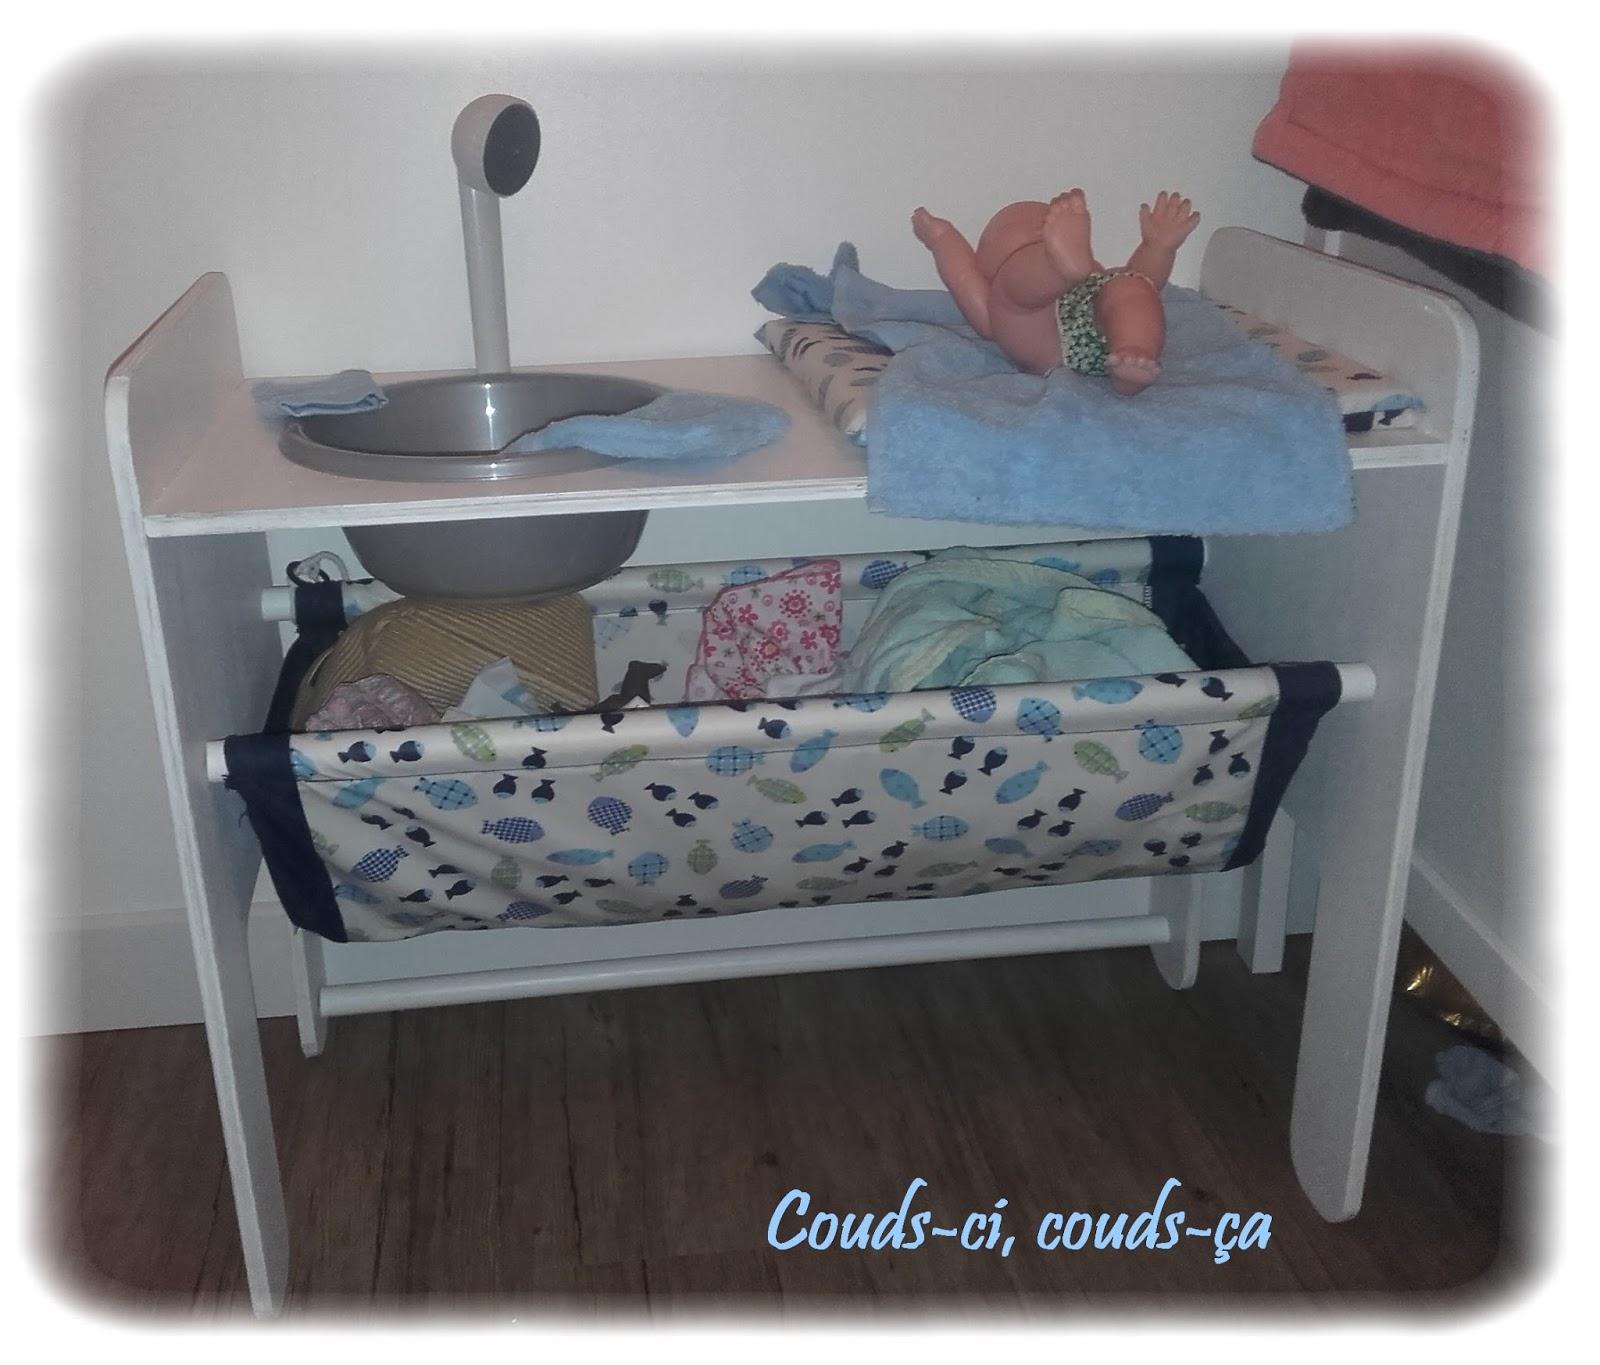 couds ci couds a table langer pour poup e. Black Bedroom Furniture Sets. Home Design Ideas